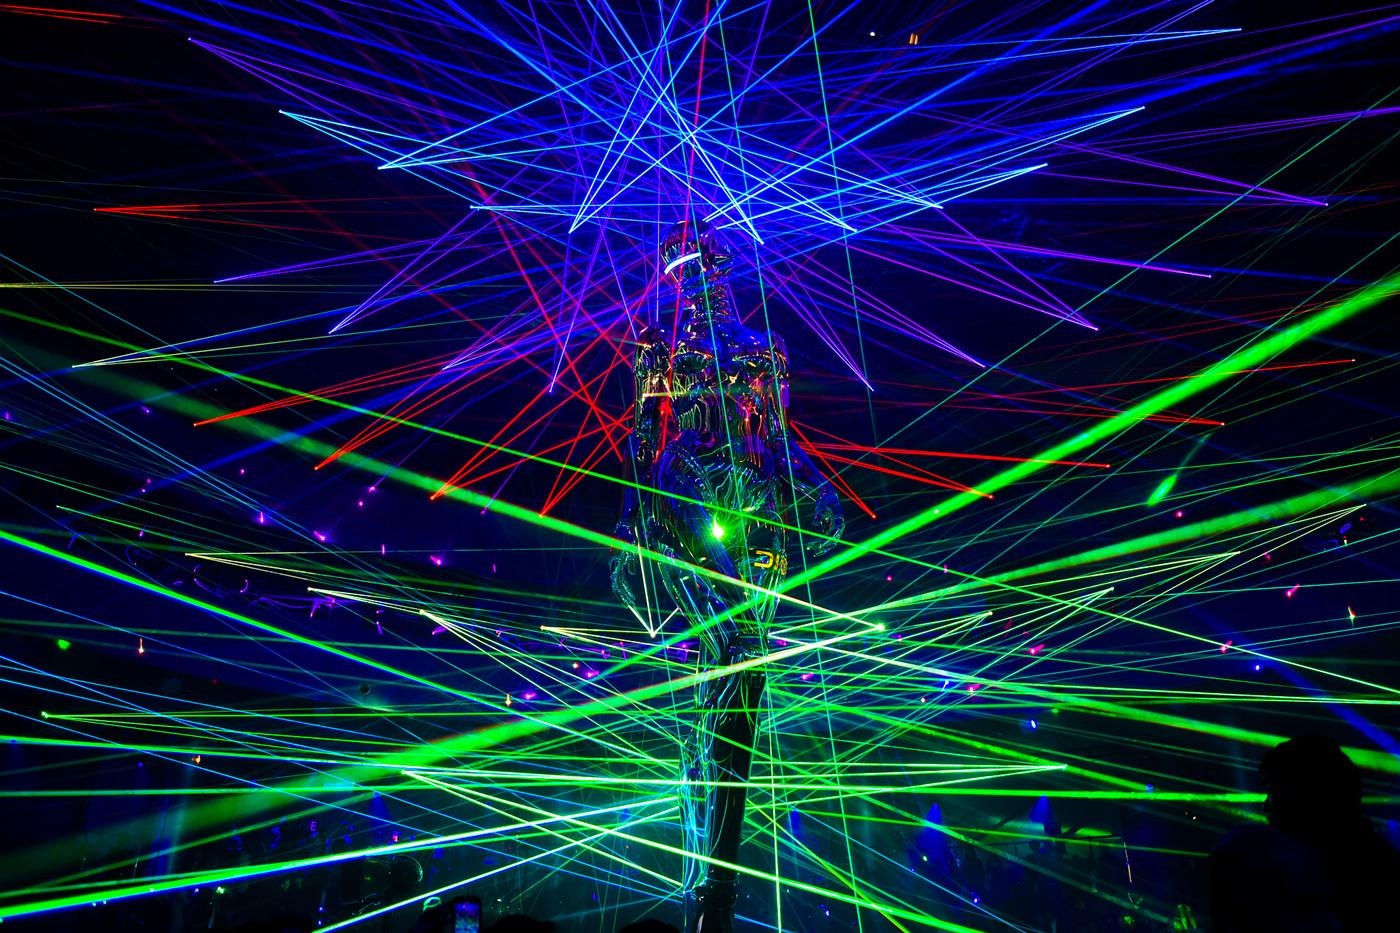 """Bức tượng nữ robot giữa những ánh đèn laser và âm nhạc điện tử từ DJ Diplo đã tạo nên một không gian hoàn hảo để NTK Kim Jones """"kể chuyện"""" BST Chớm Thu 2019."""